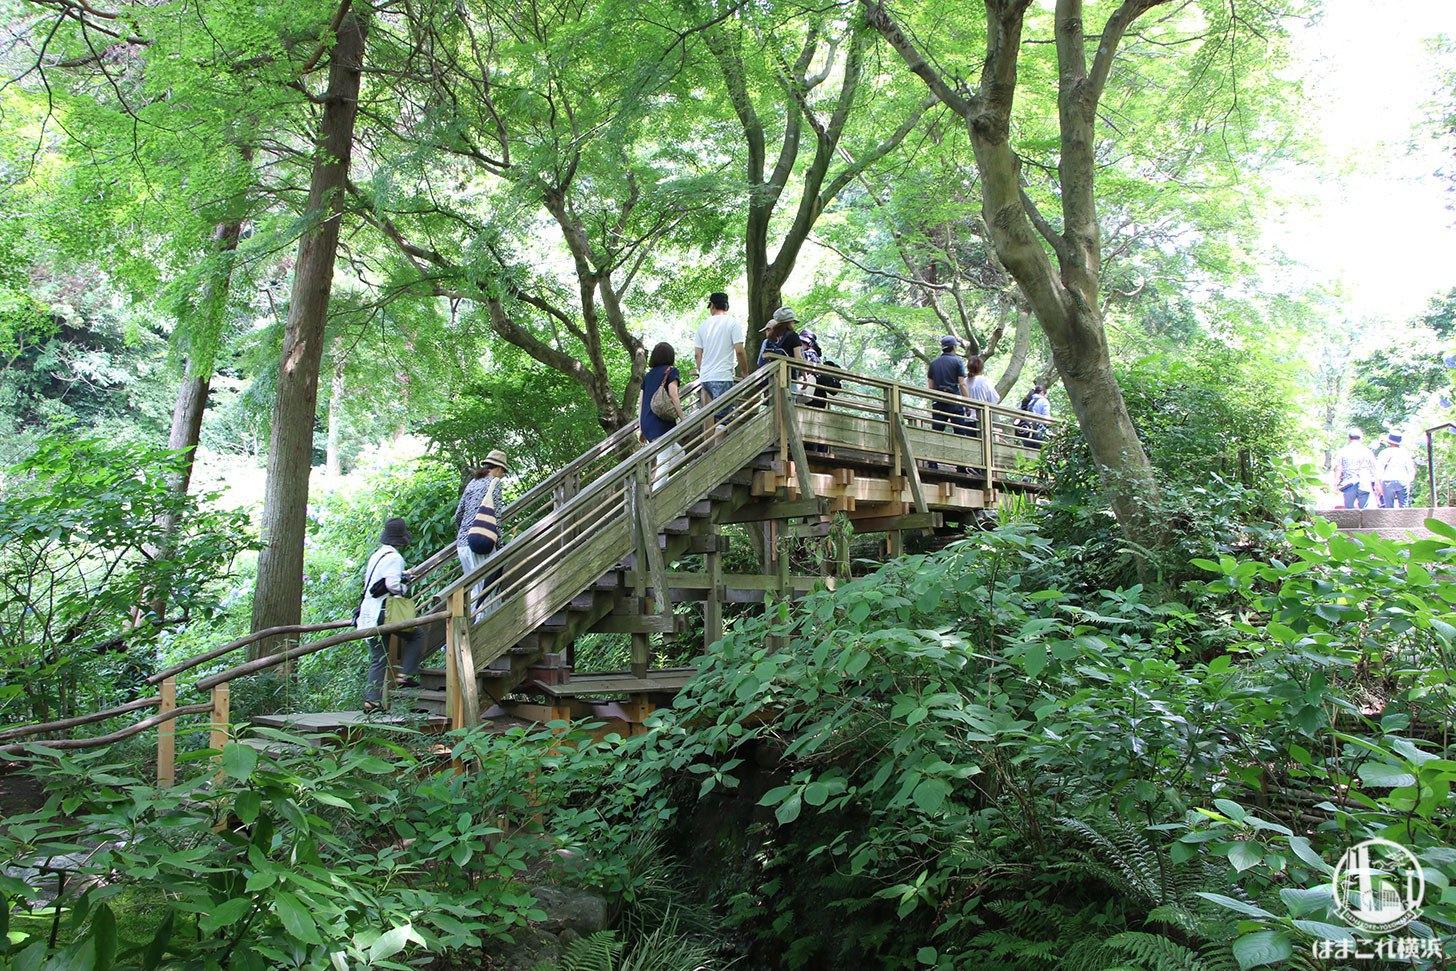 明月院(あじさい寺)の自然に囲まれたデッキ